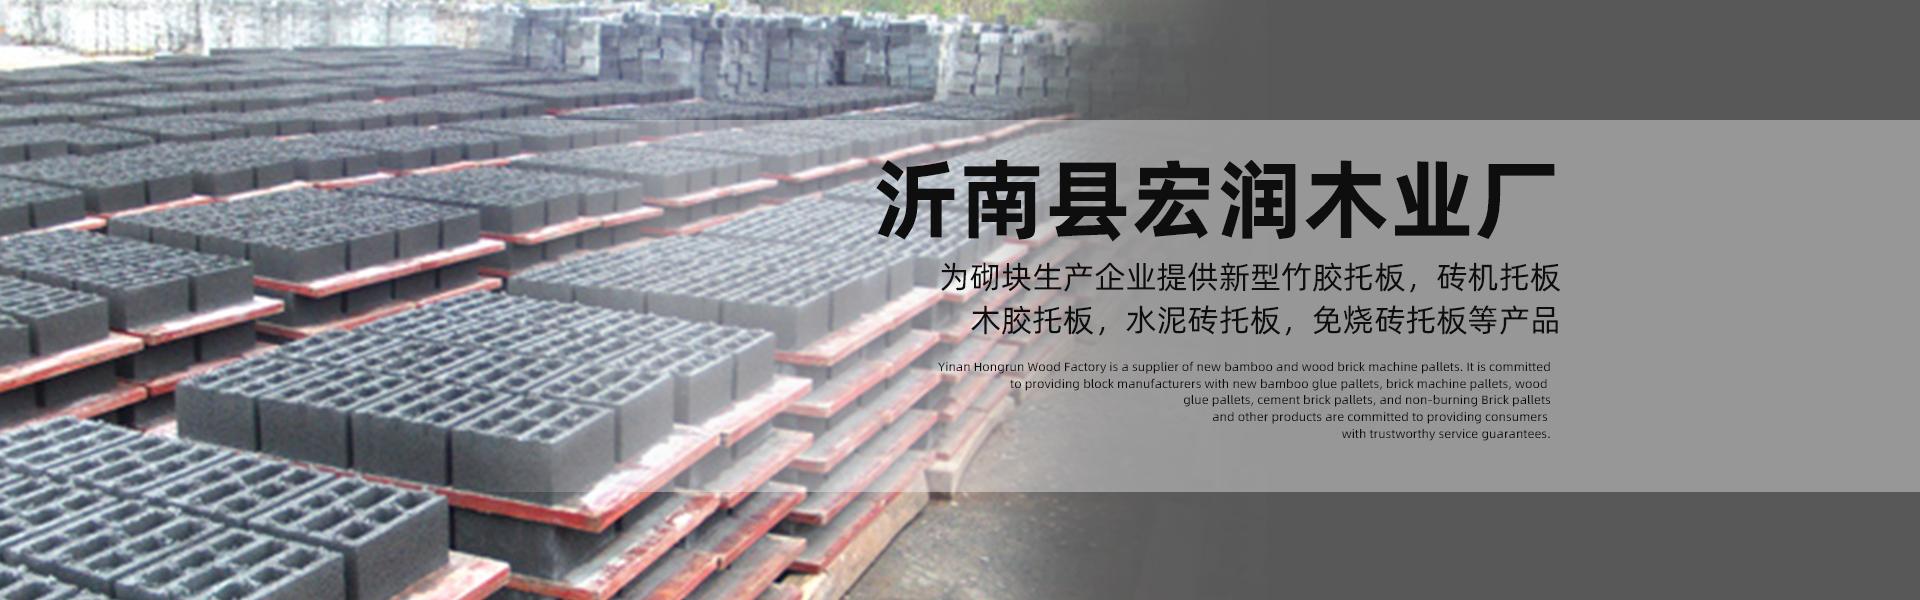 砖机托板厂,山东免烧砖托板,水泥砖托板,砖机木托板,砖机竹托板